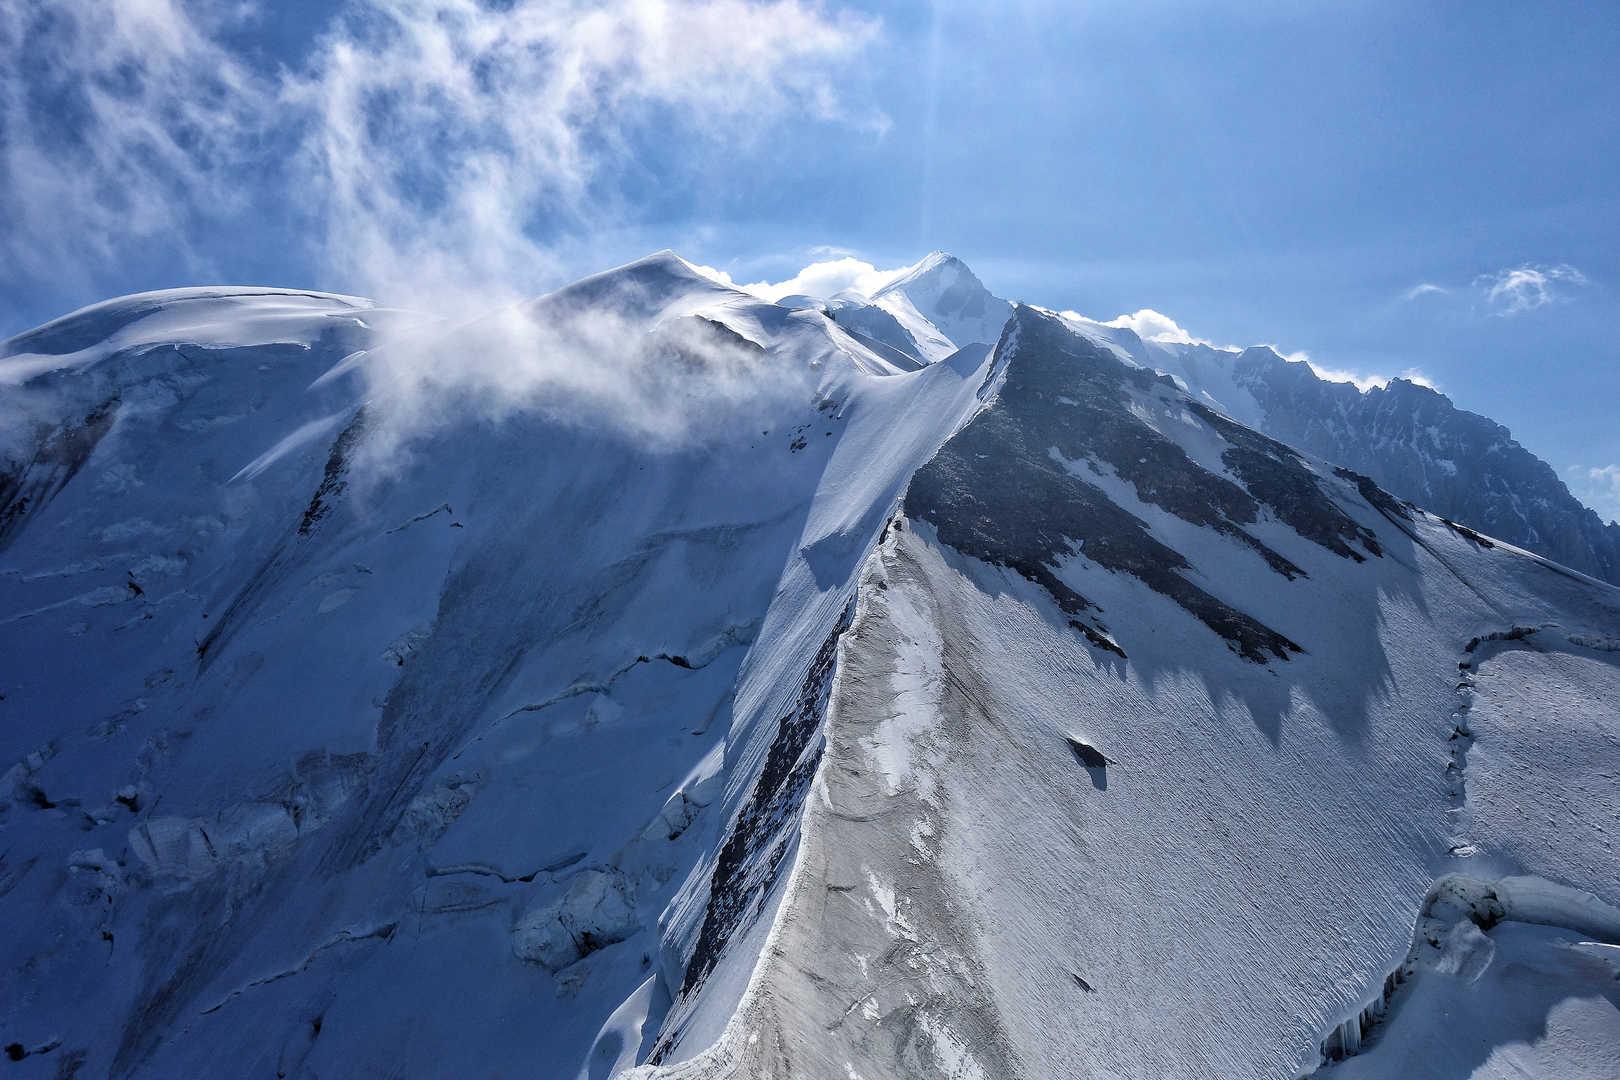 Der Grat Richtung Dome du Gouter - im Hintergrund der Gipfel des Mont Blanc